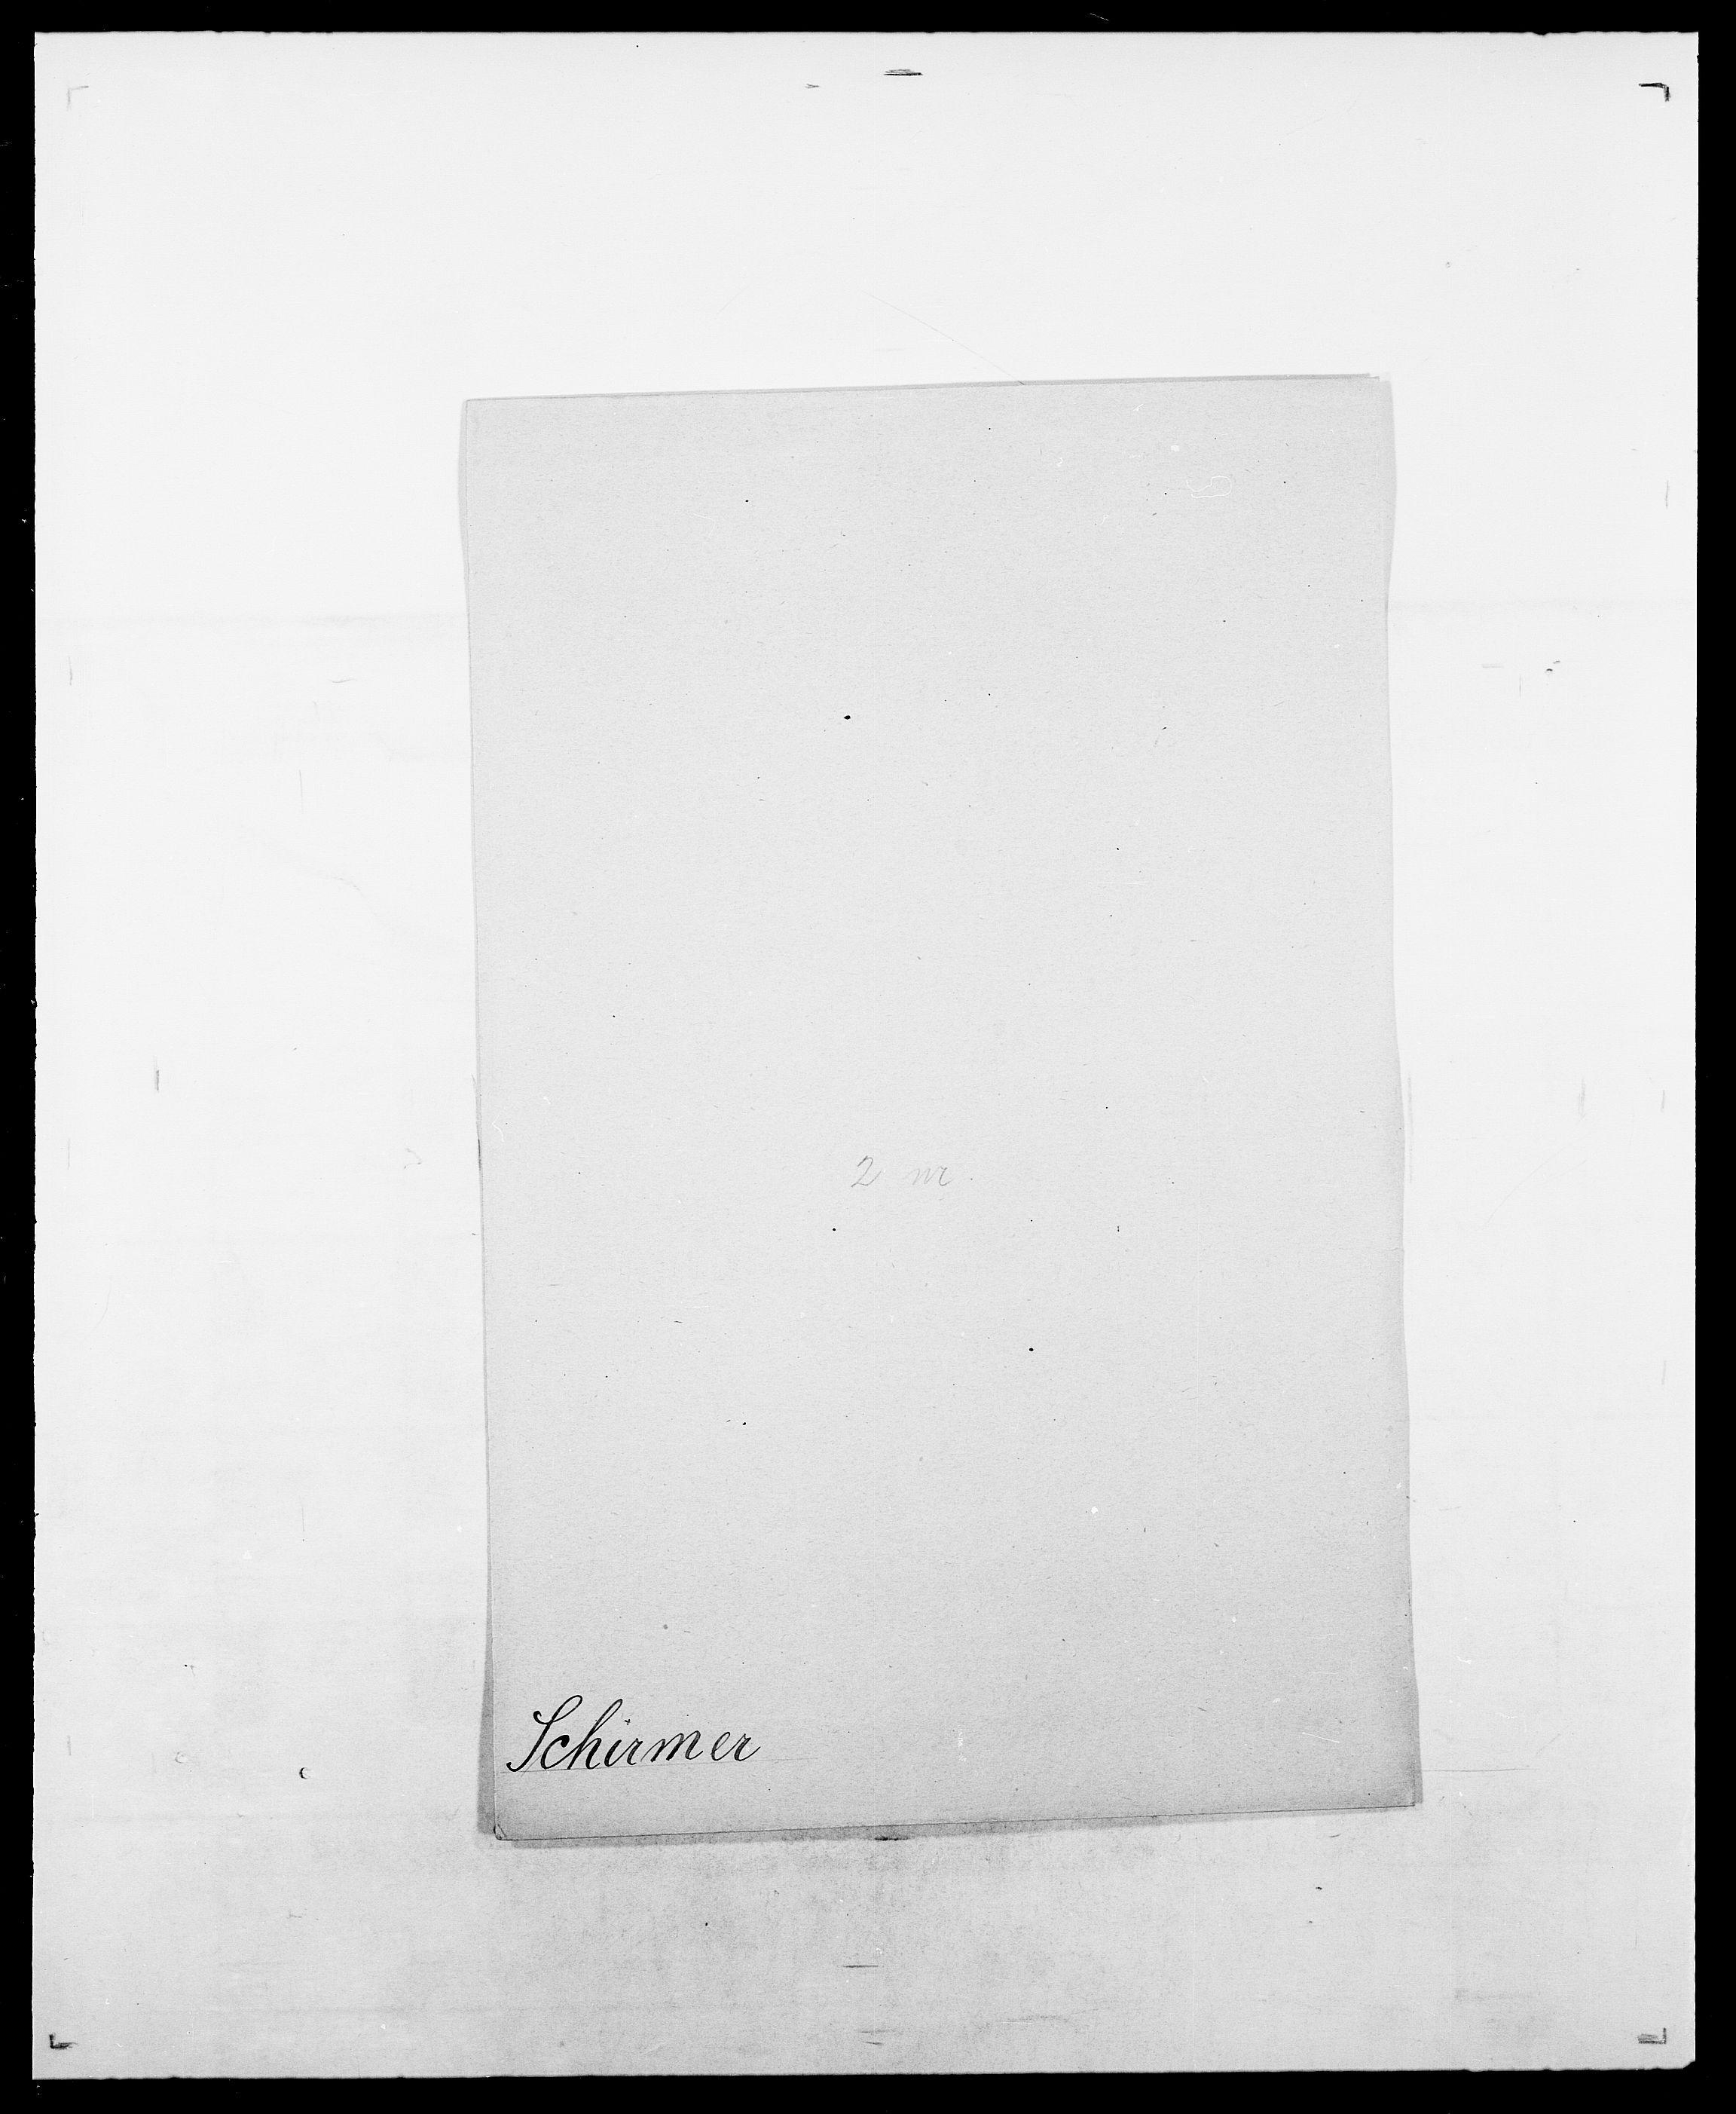 SAO, Delgobe, Charles Antoine - samling, D/Da/L0034: Saabye - Schmincke, s. 572